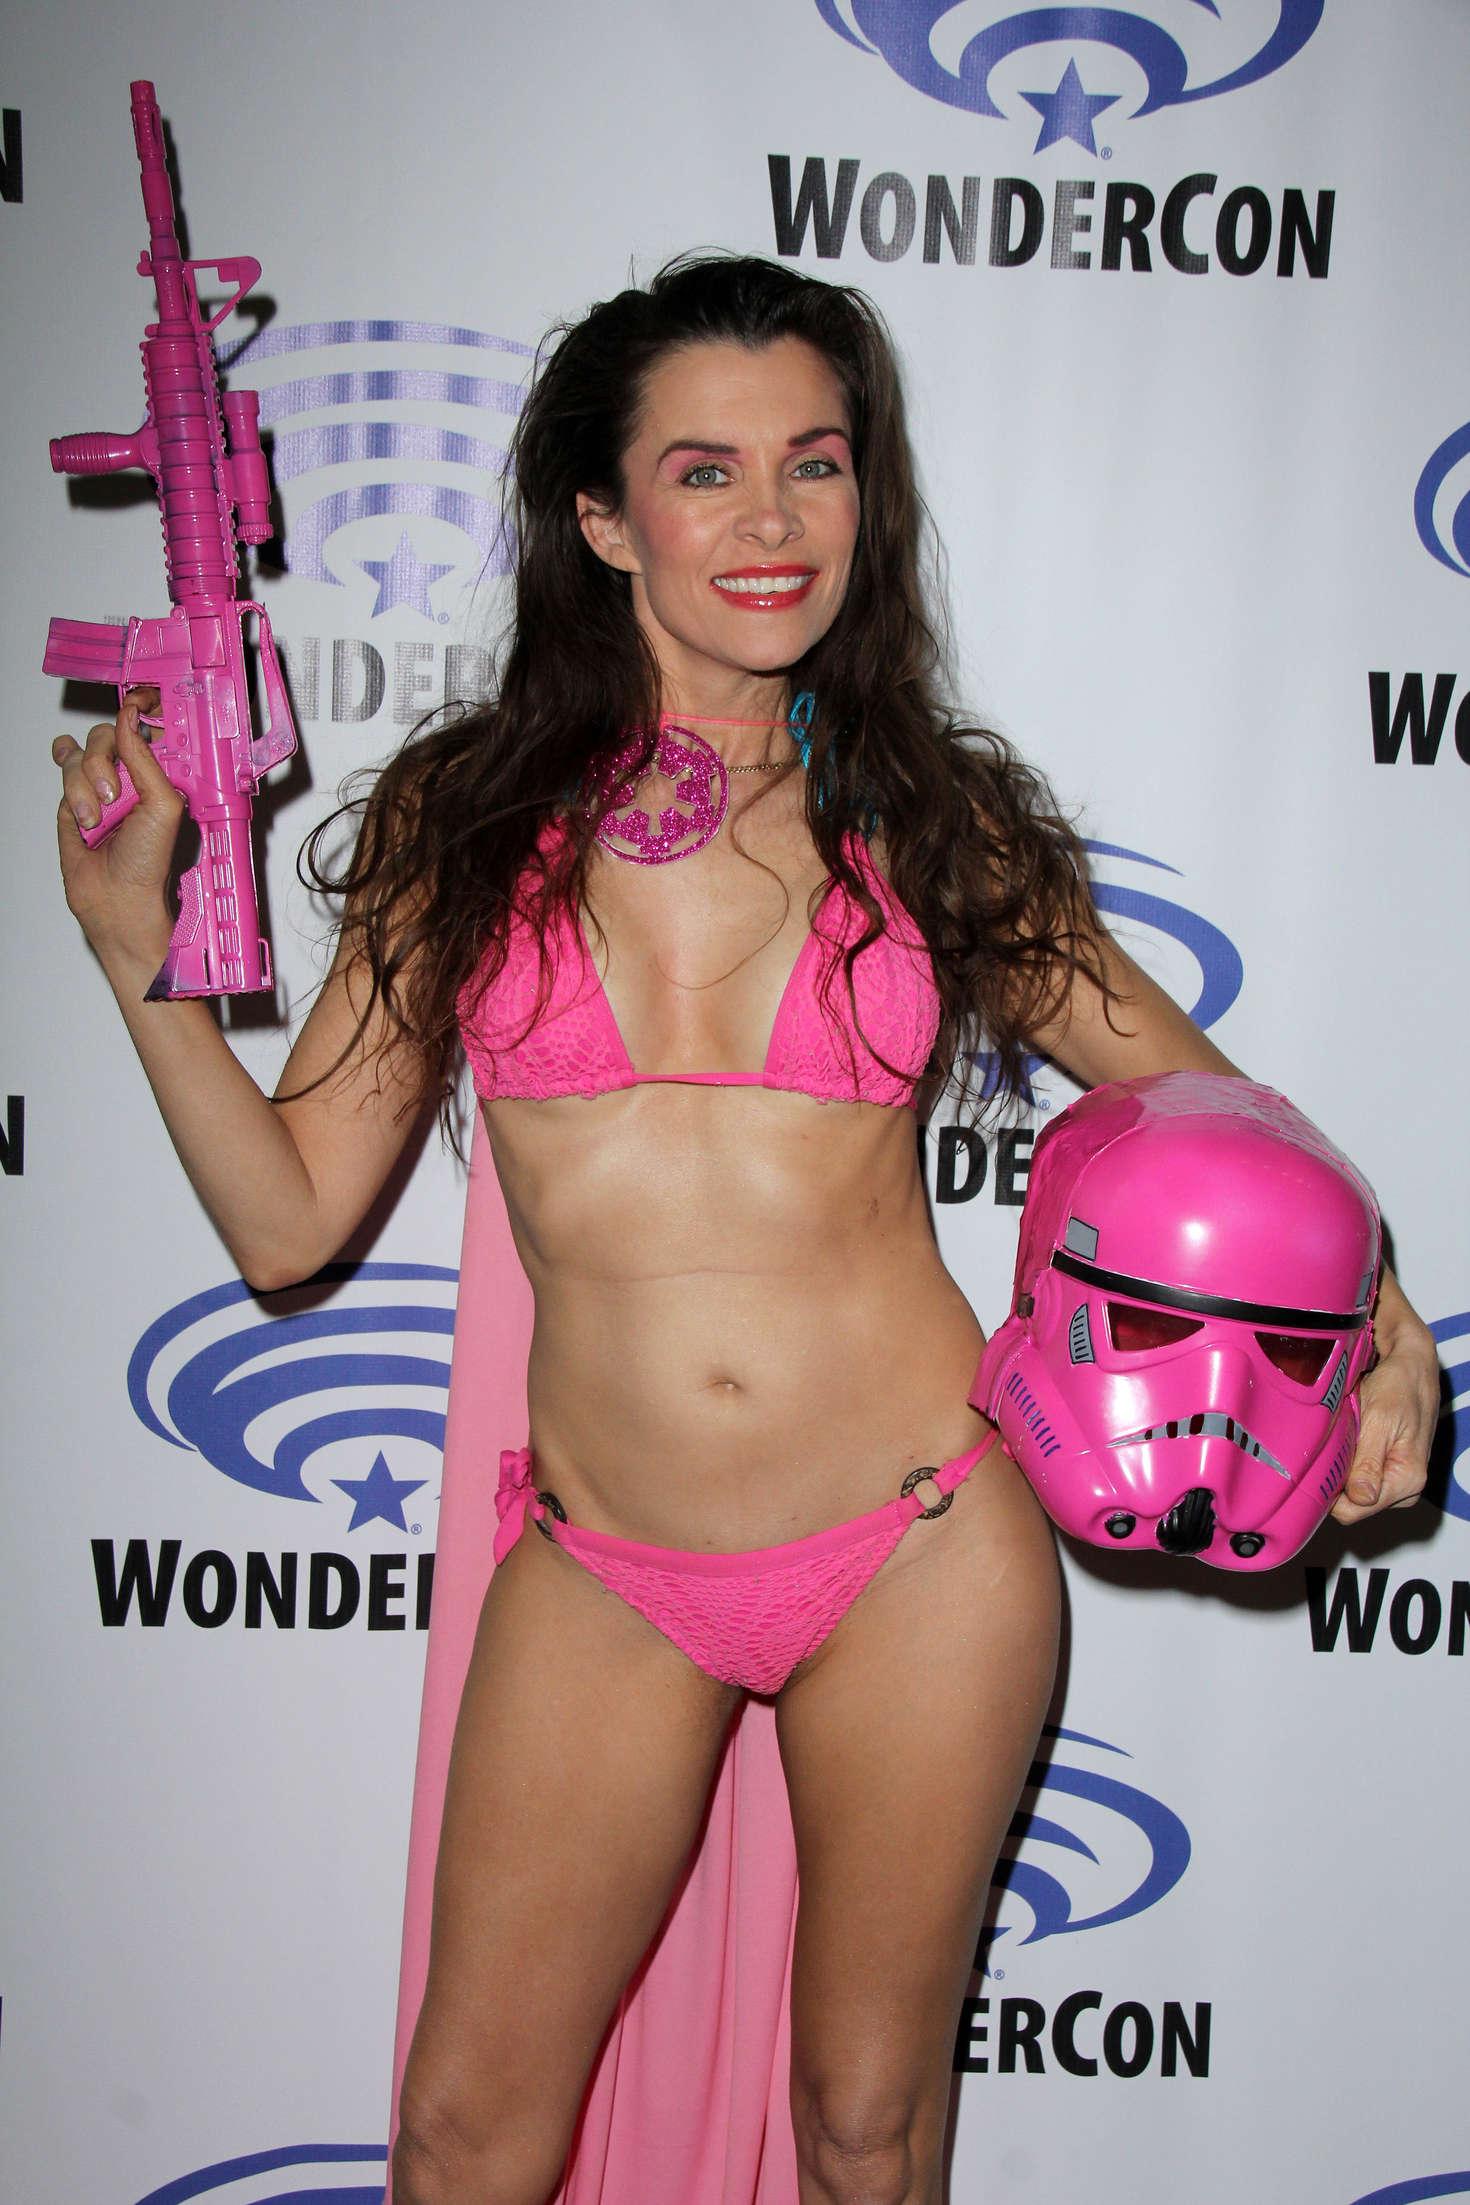 Alicia Arden at WonderCon in Los Angeles